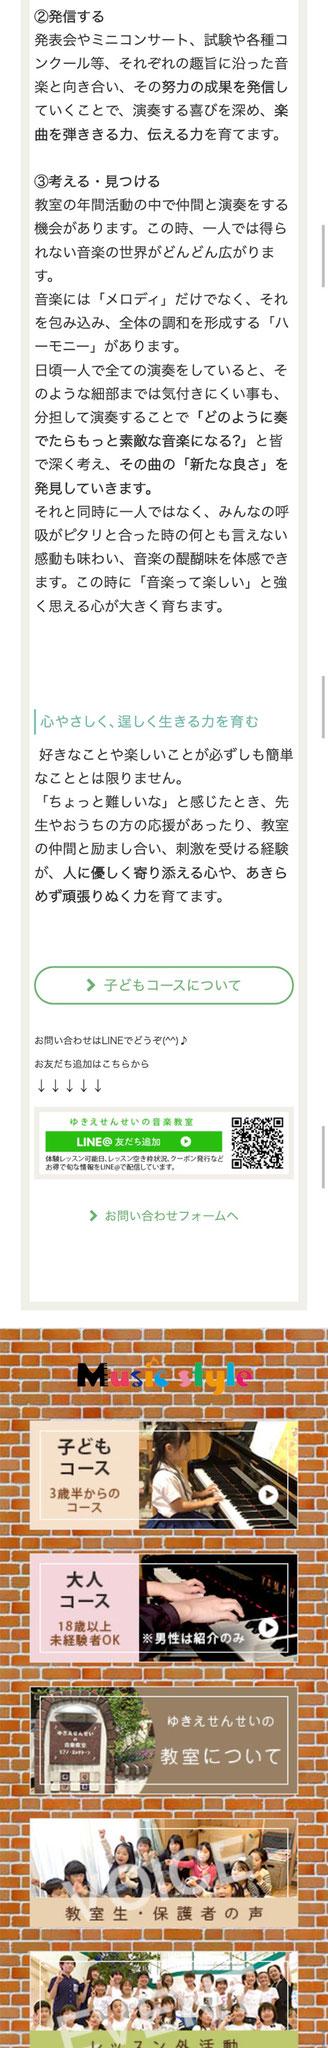 サブページのモバイル表示2